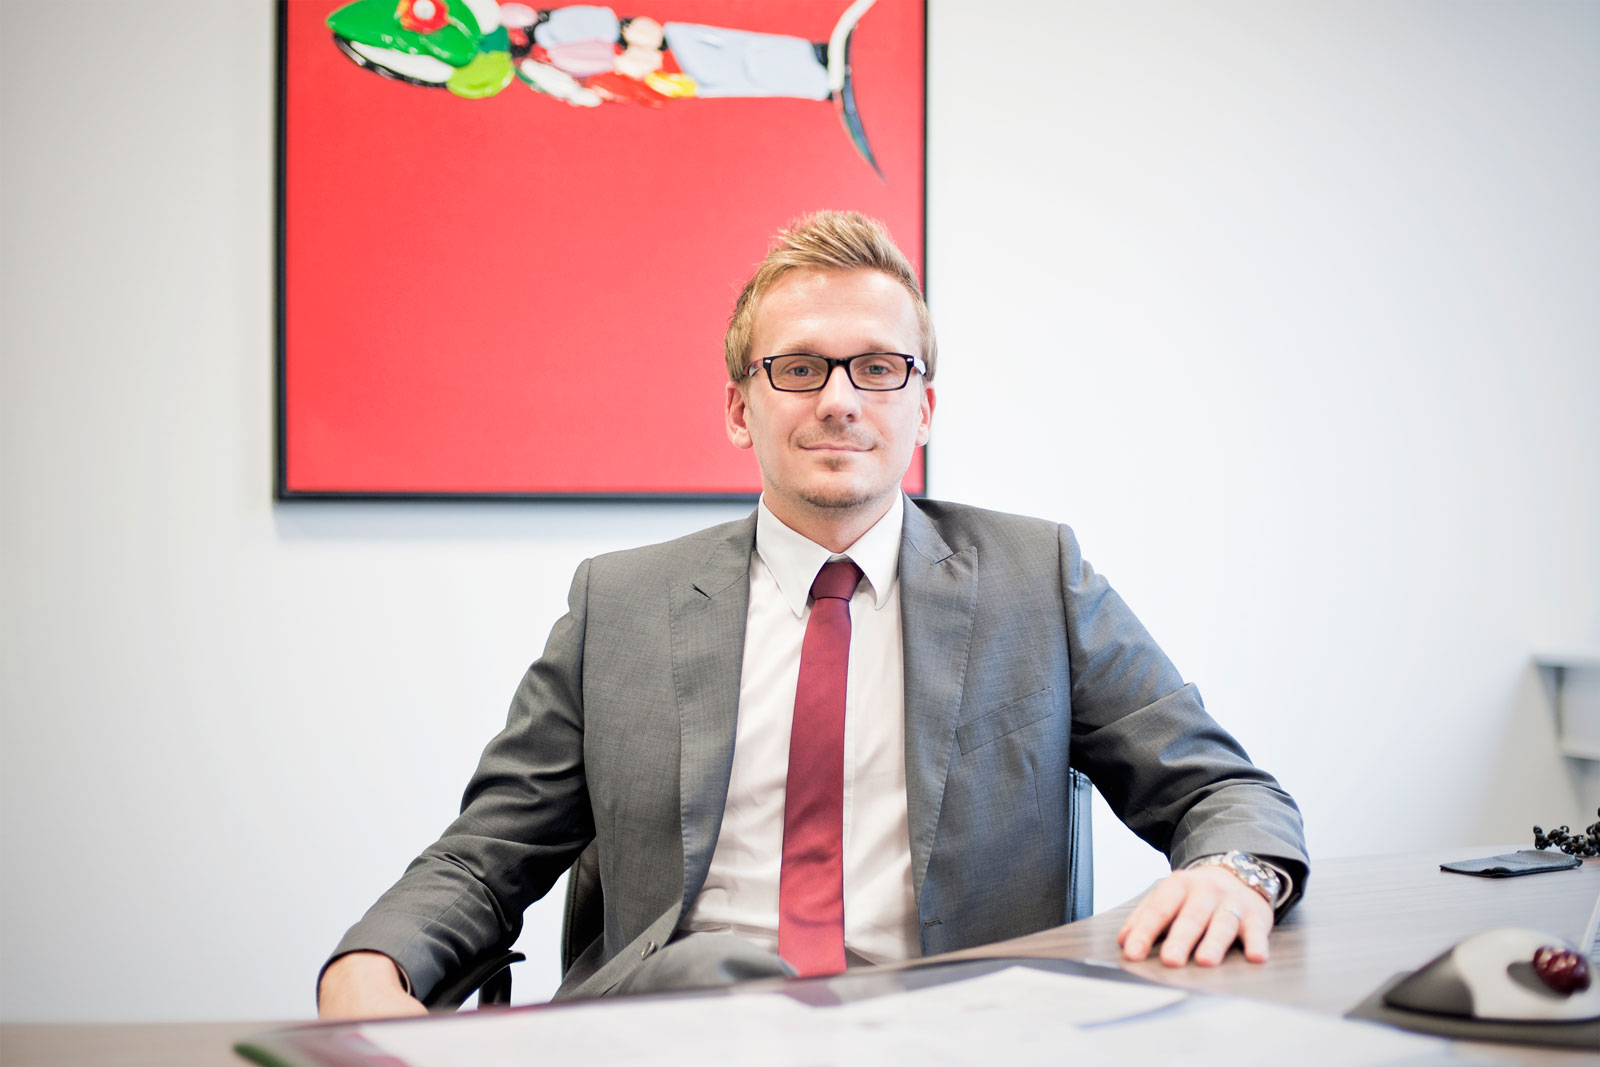 """""""Damit Sie nicht draufzahlen!"""" - Anwaltskanzlei AdvoAutomobil Rechtsanwälte hilft bei Unfällen und drohenden Bußgeldern"""